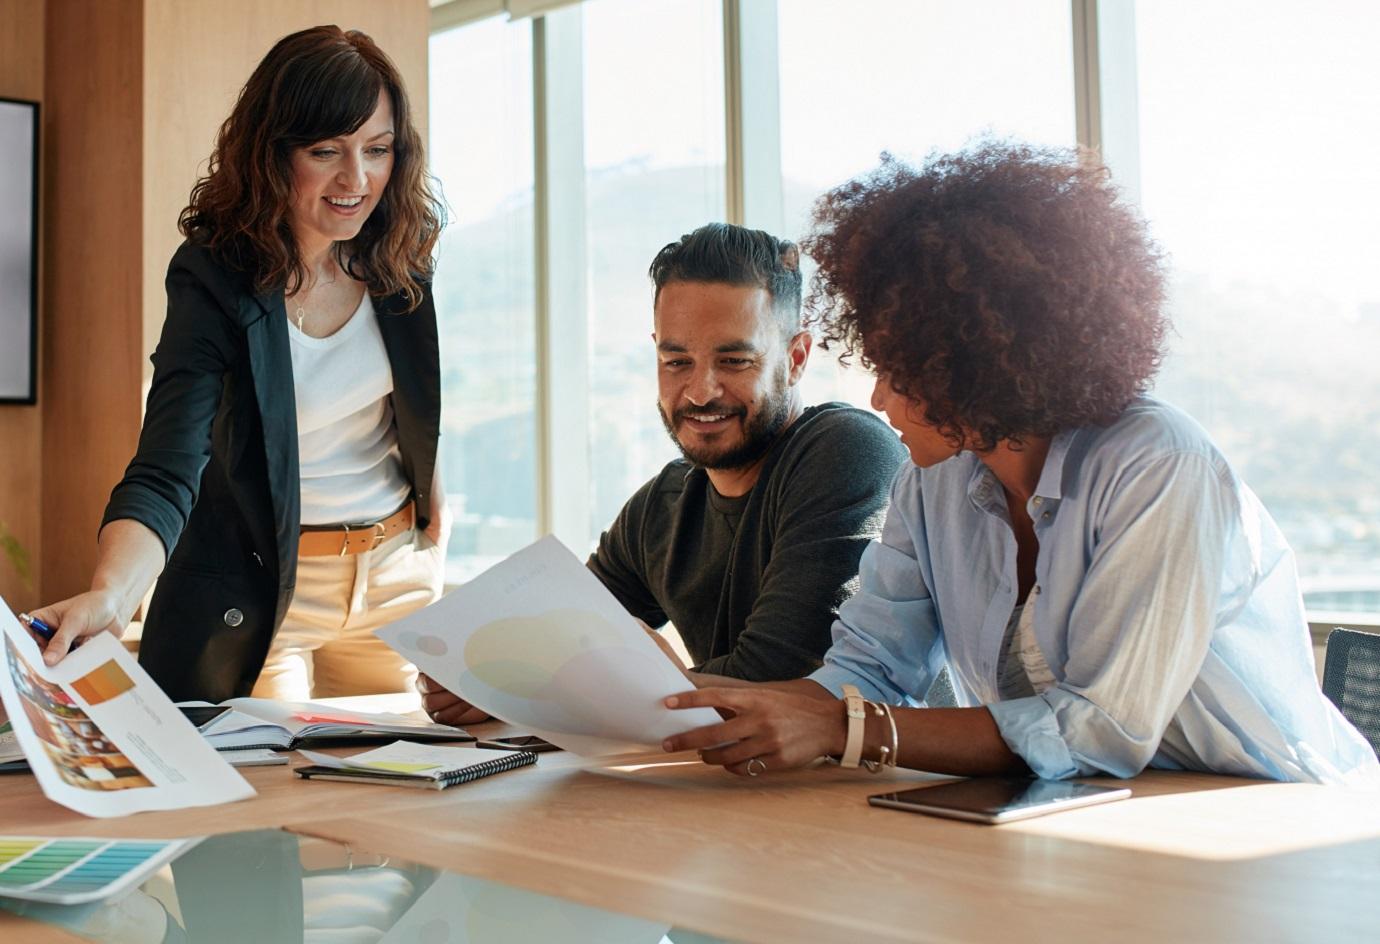 Работает ли активное обучение? Проблемно-ориентированное обучение, самостоятельный поиск знания или лекции